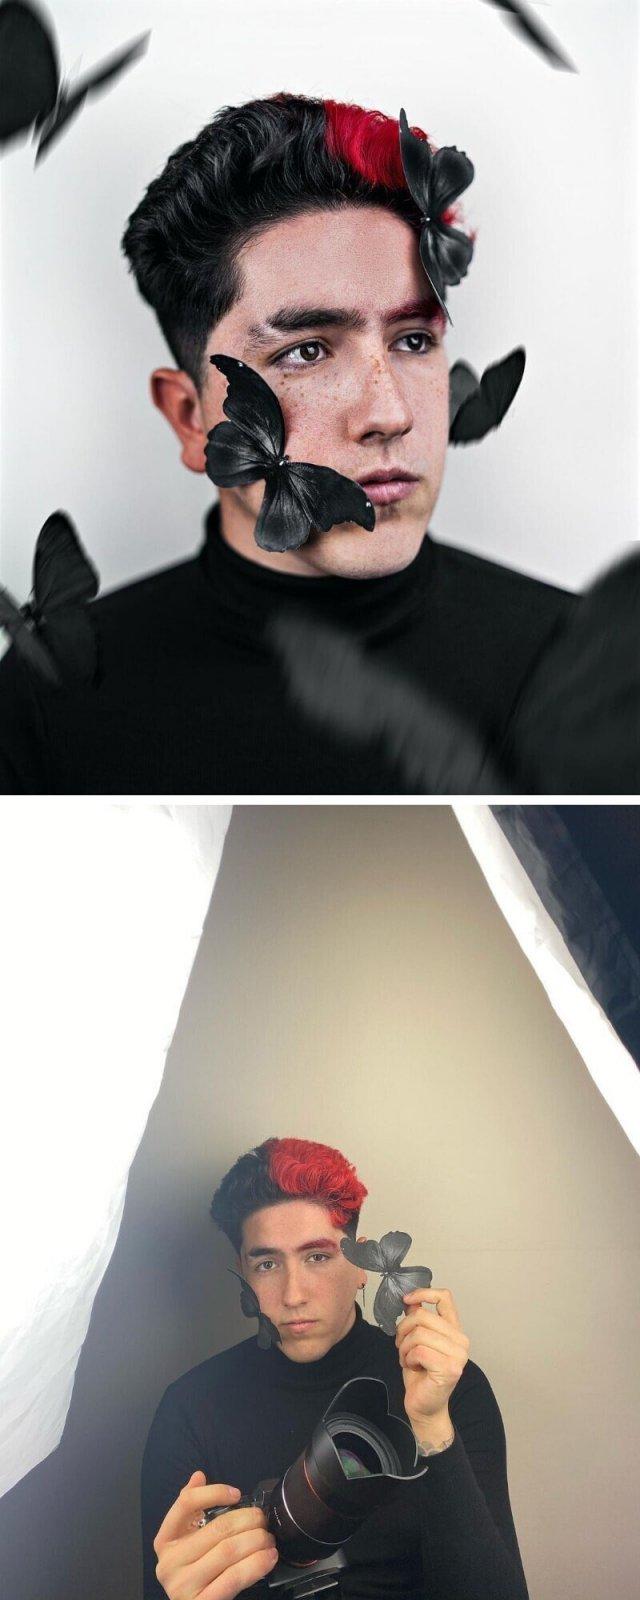 Фотограф, который показывает, что скрывается за красивыми кадрами (15 фото)